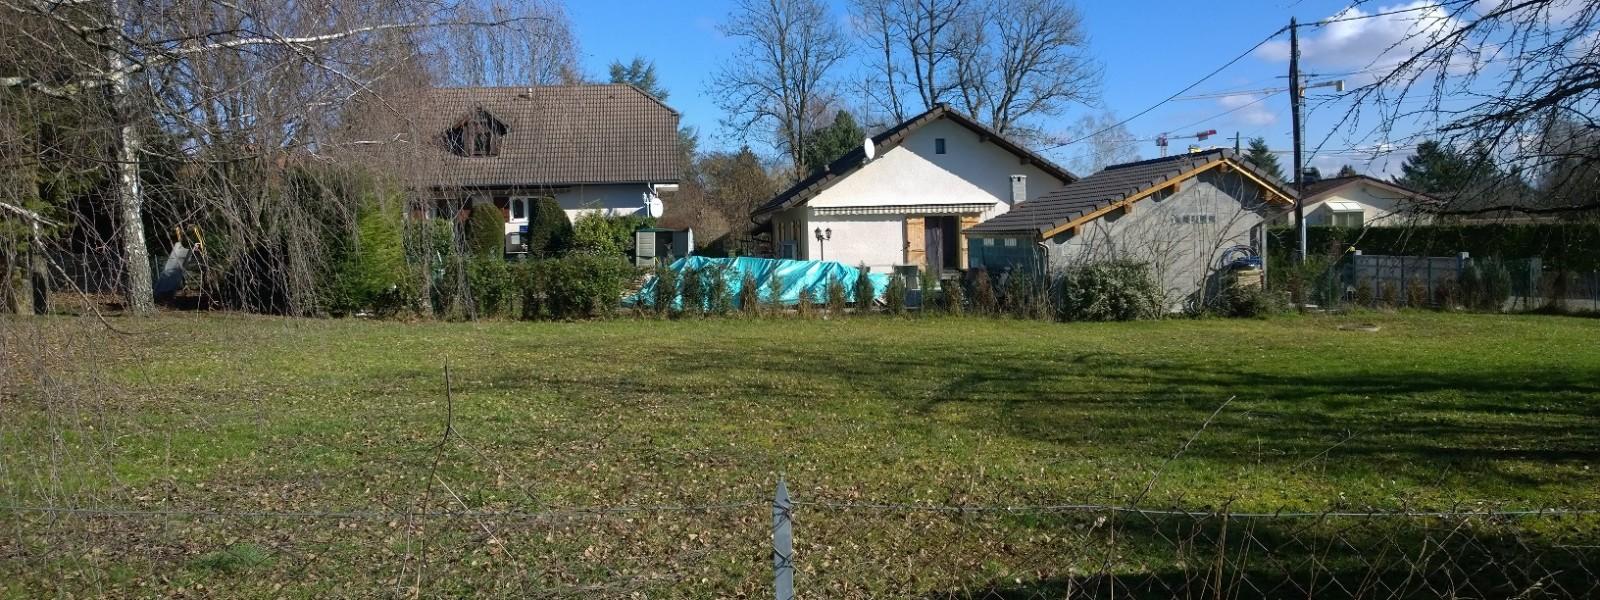 LES JARDINS D'ISABELLE - Visuel 2 - Impact immobilier 01